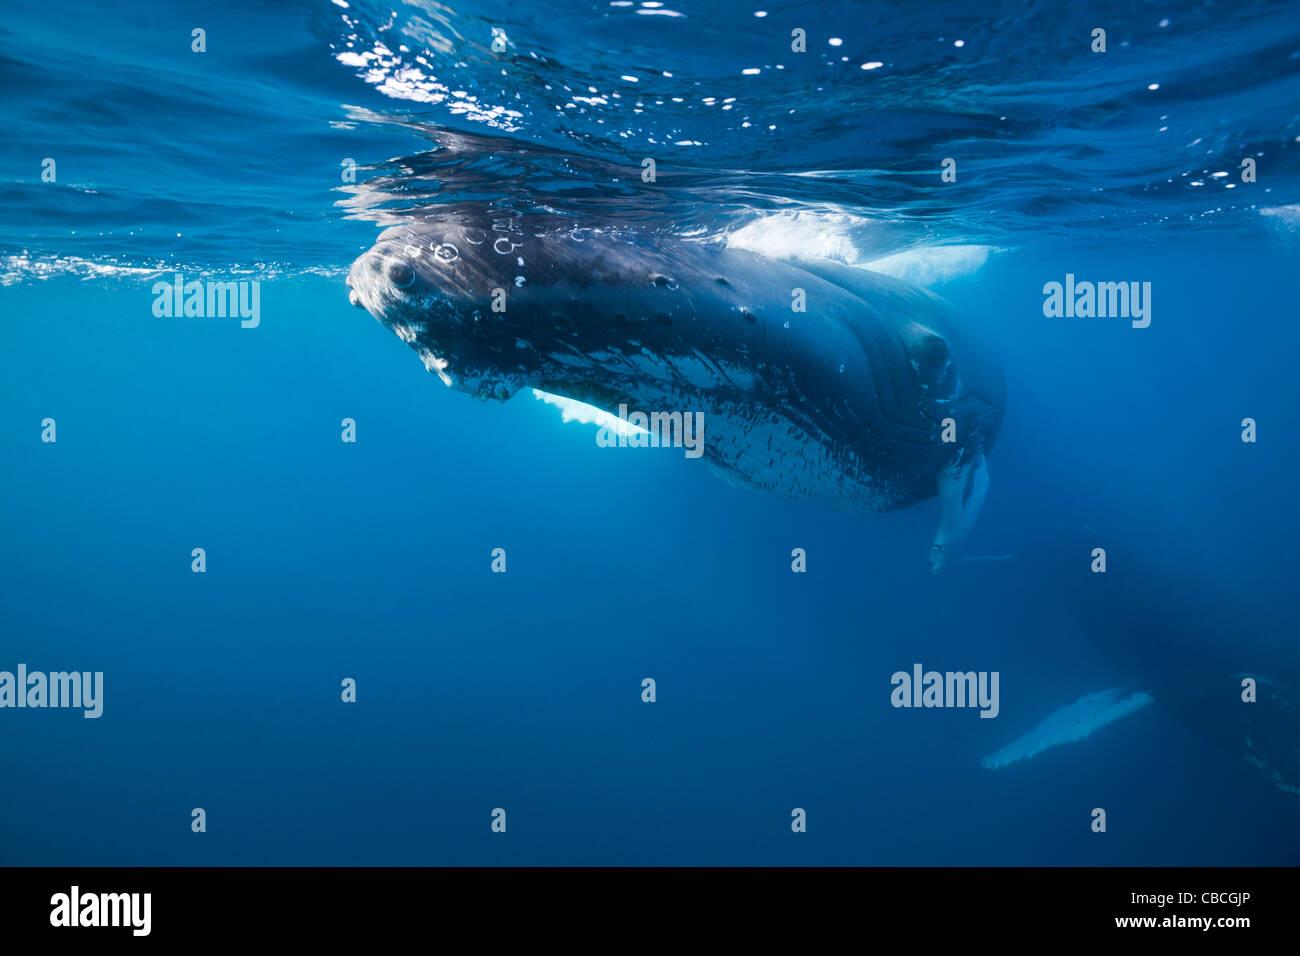 La ballena jorobada, Megaptera novaeangliae, Mar Caribe Dominica Foto de stock